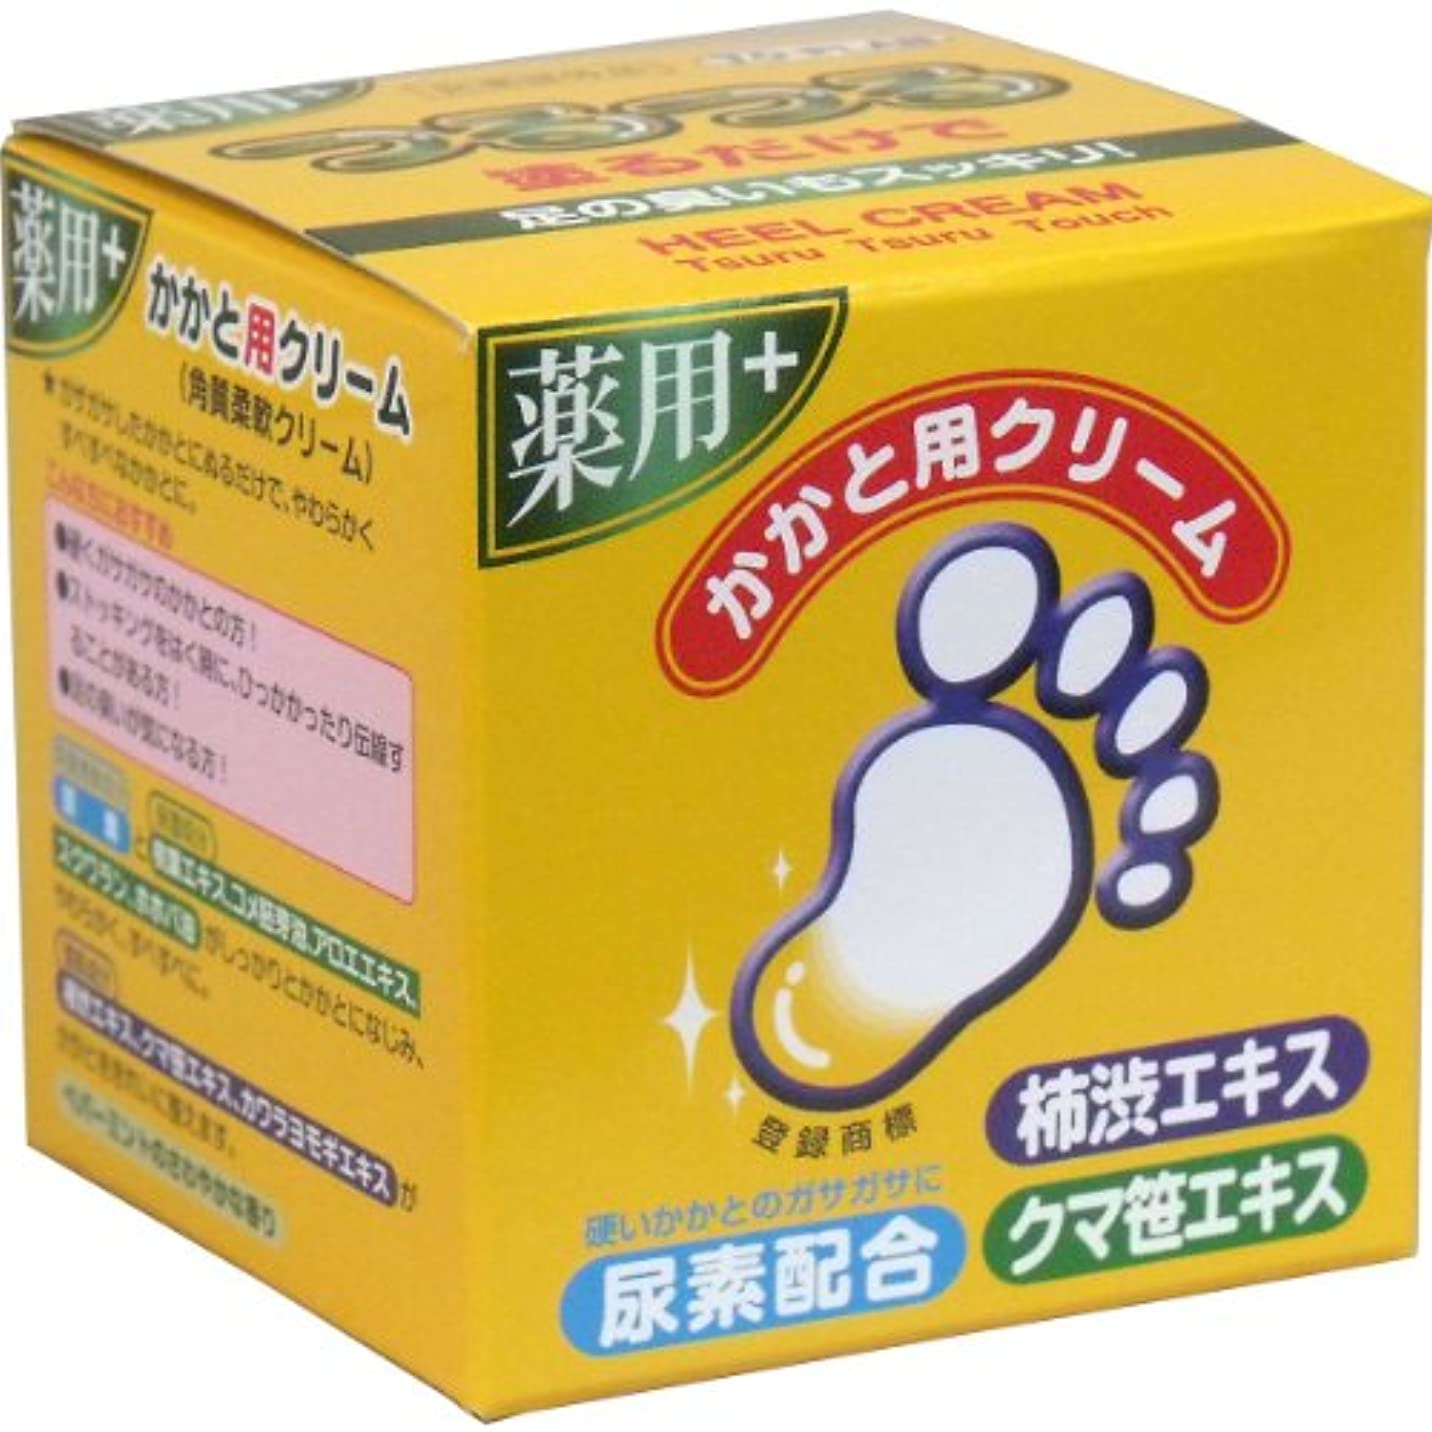 悪化させるマスタード土器TO-PLAN(トプラン) 薬用かかと用クリーム 110g